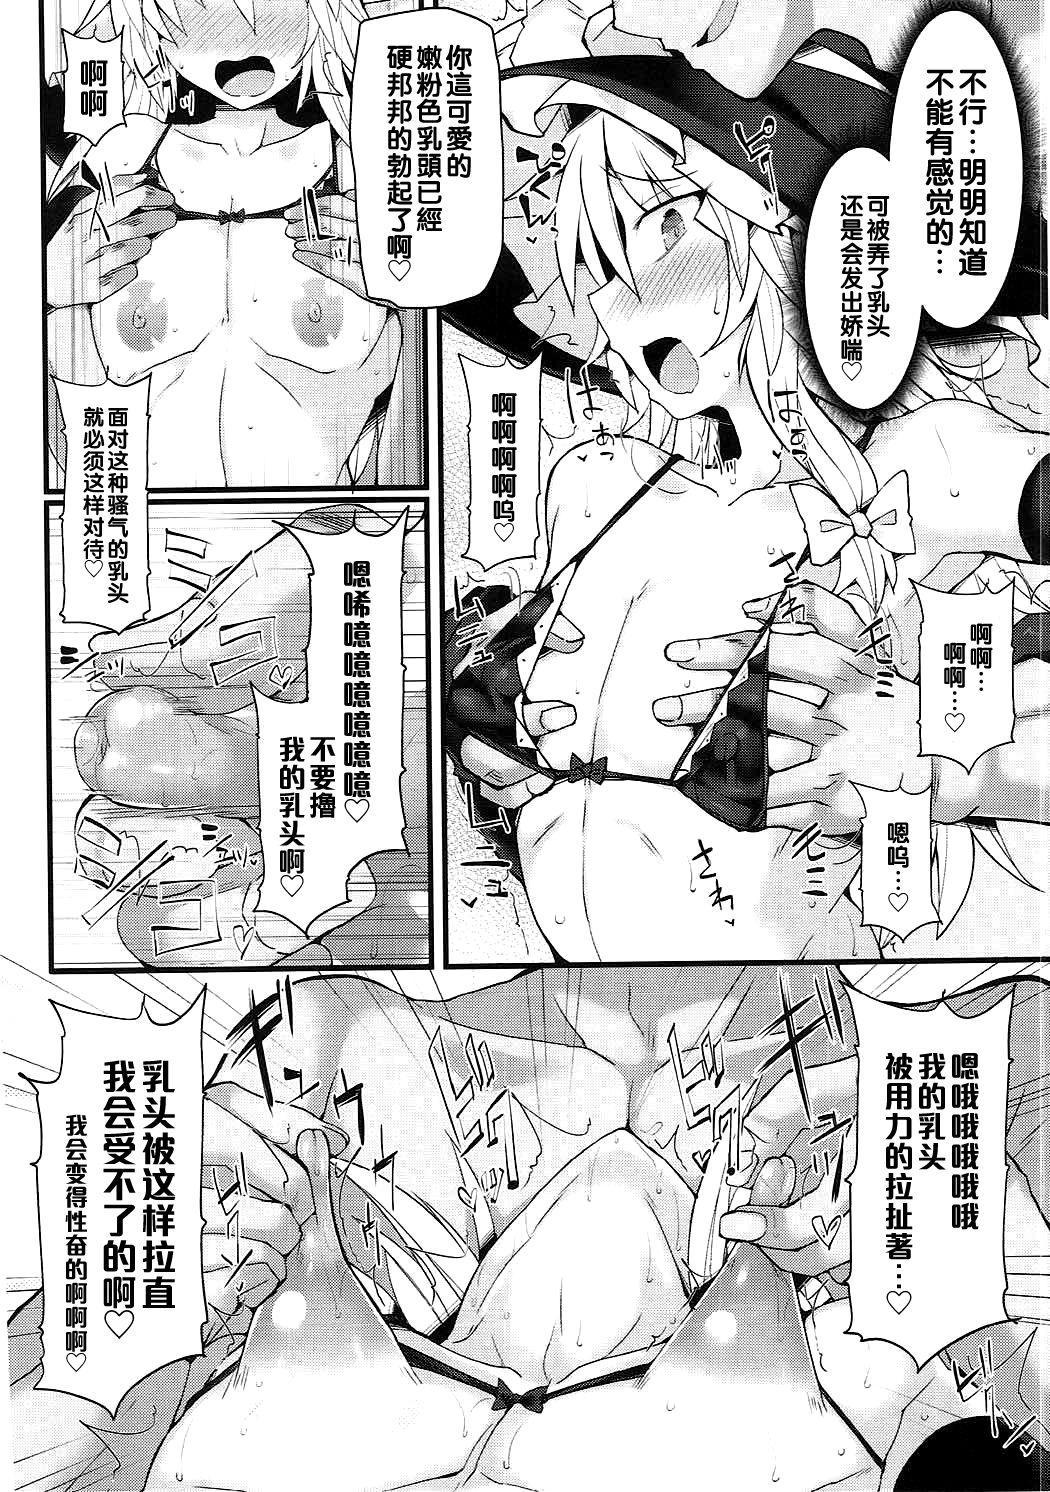 Chorokawa Josou Danshi Marisa-kun o Gachihame Fuck de Mesu ni Choukyou Suru Hon 10